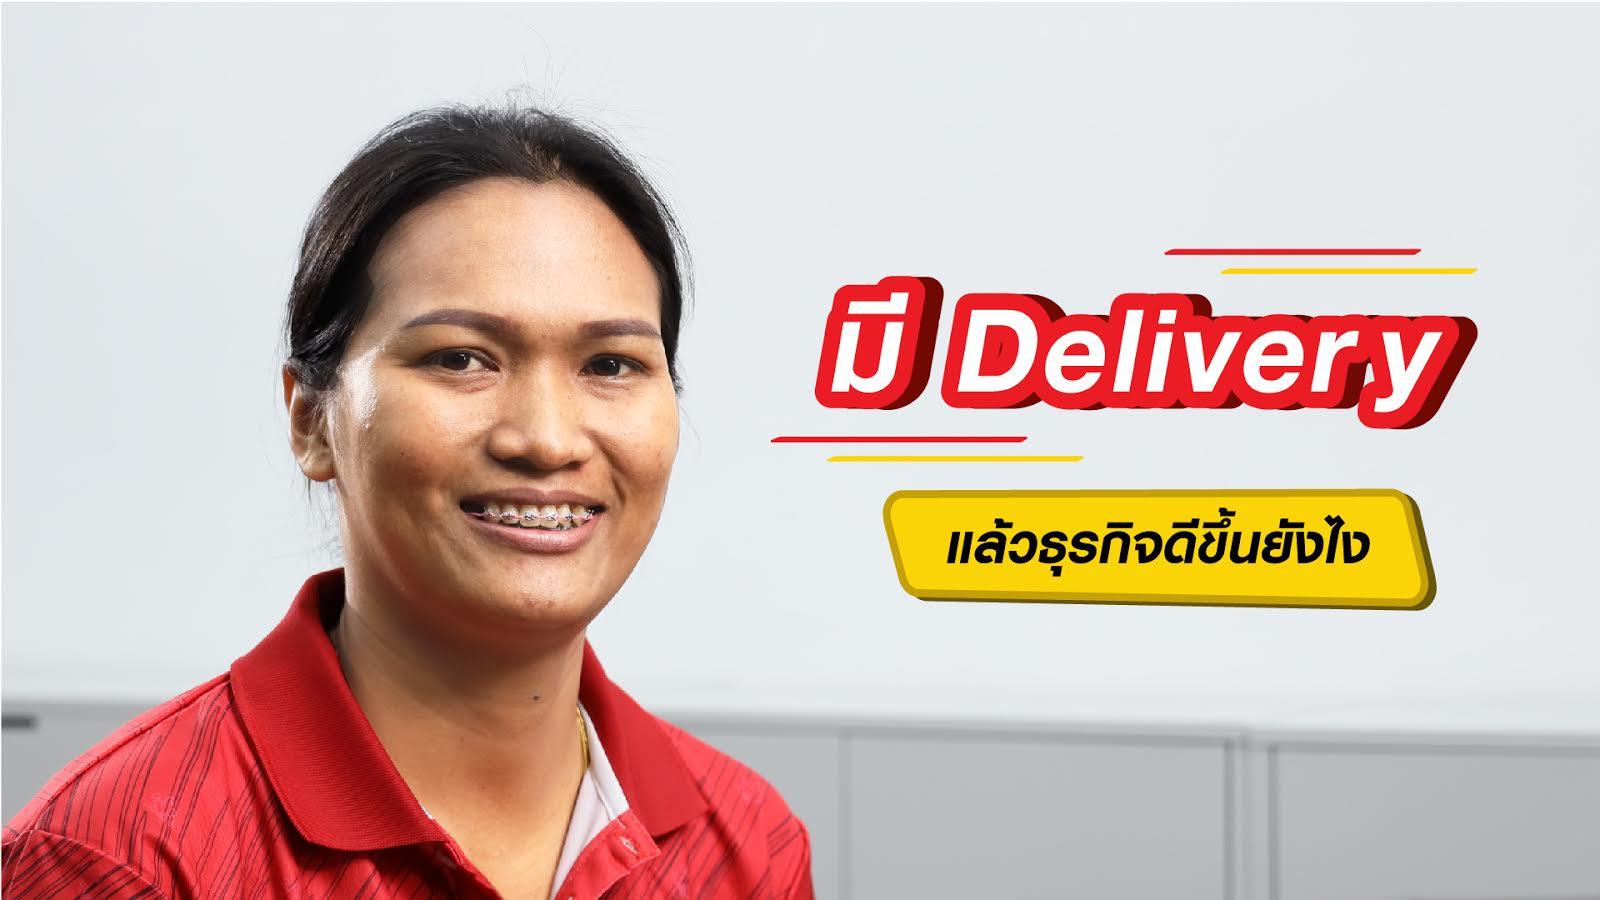 มี Delivery แล้วธุรกิจดีขึ้นยังไง